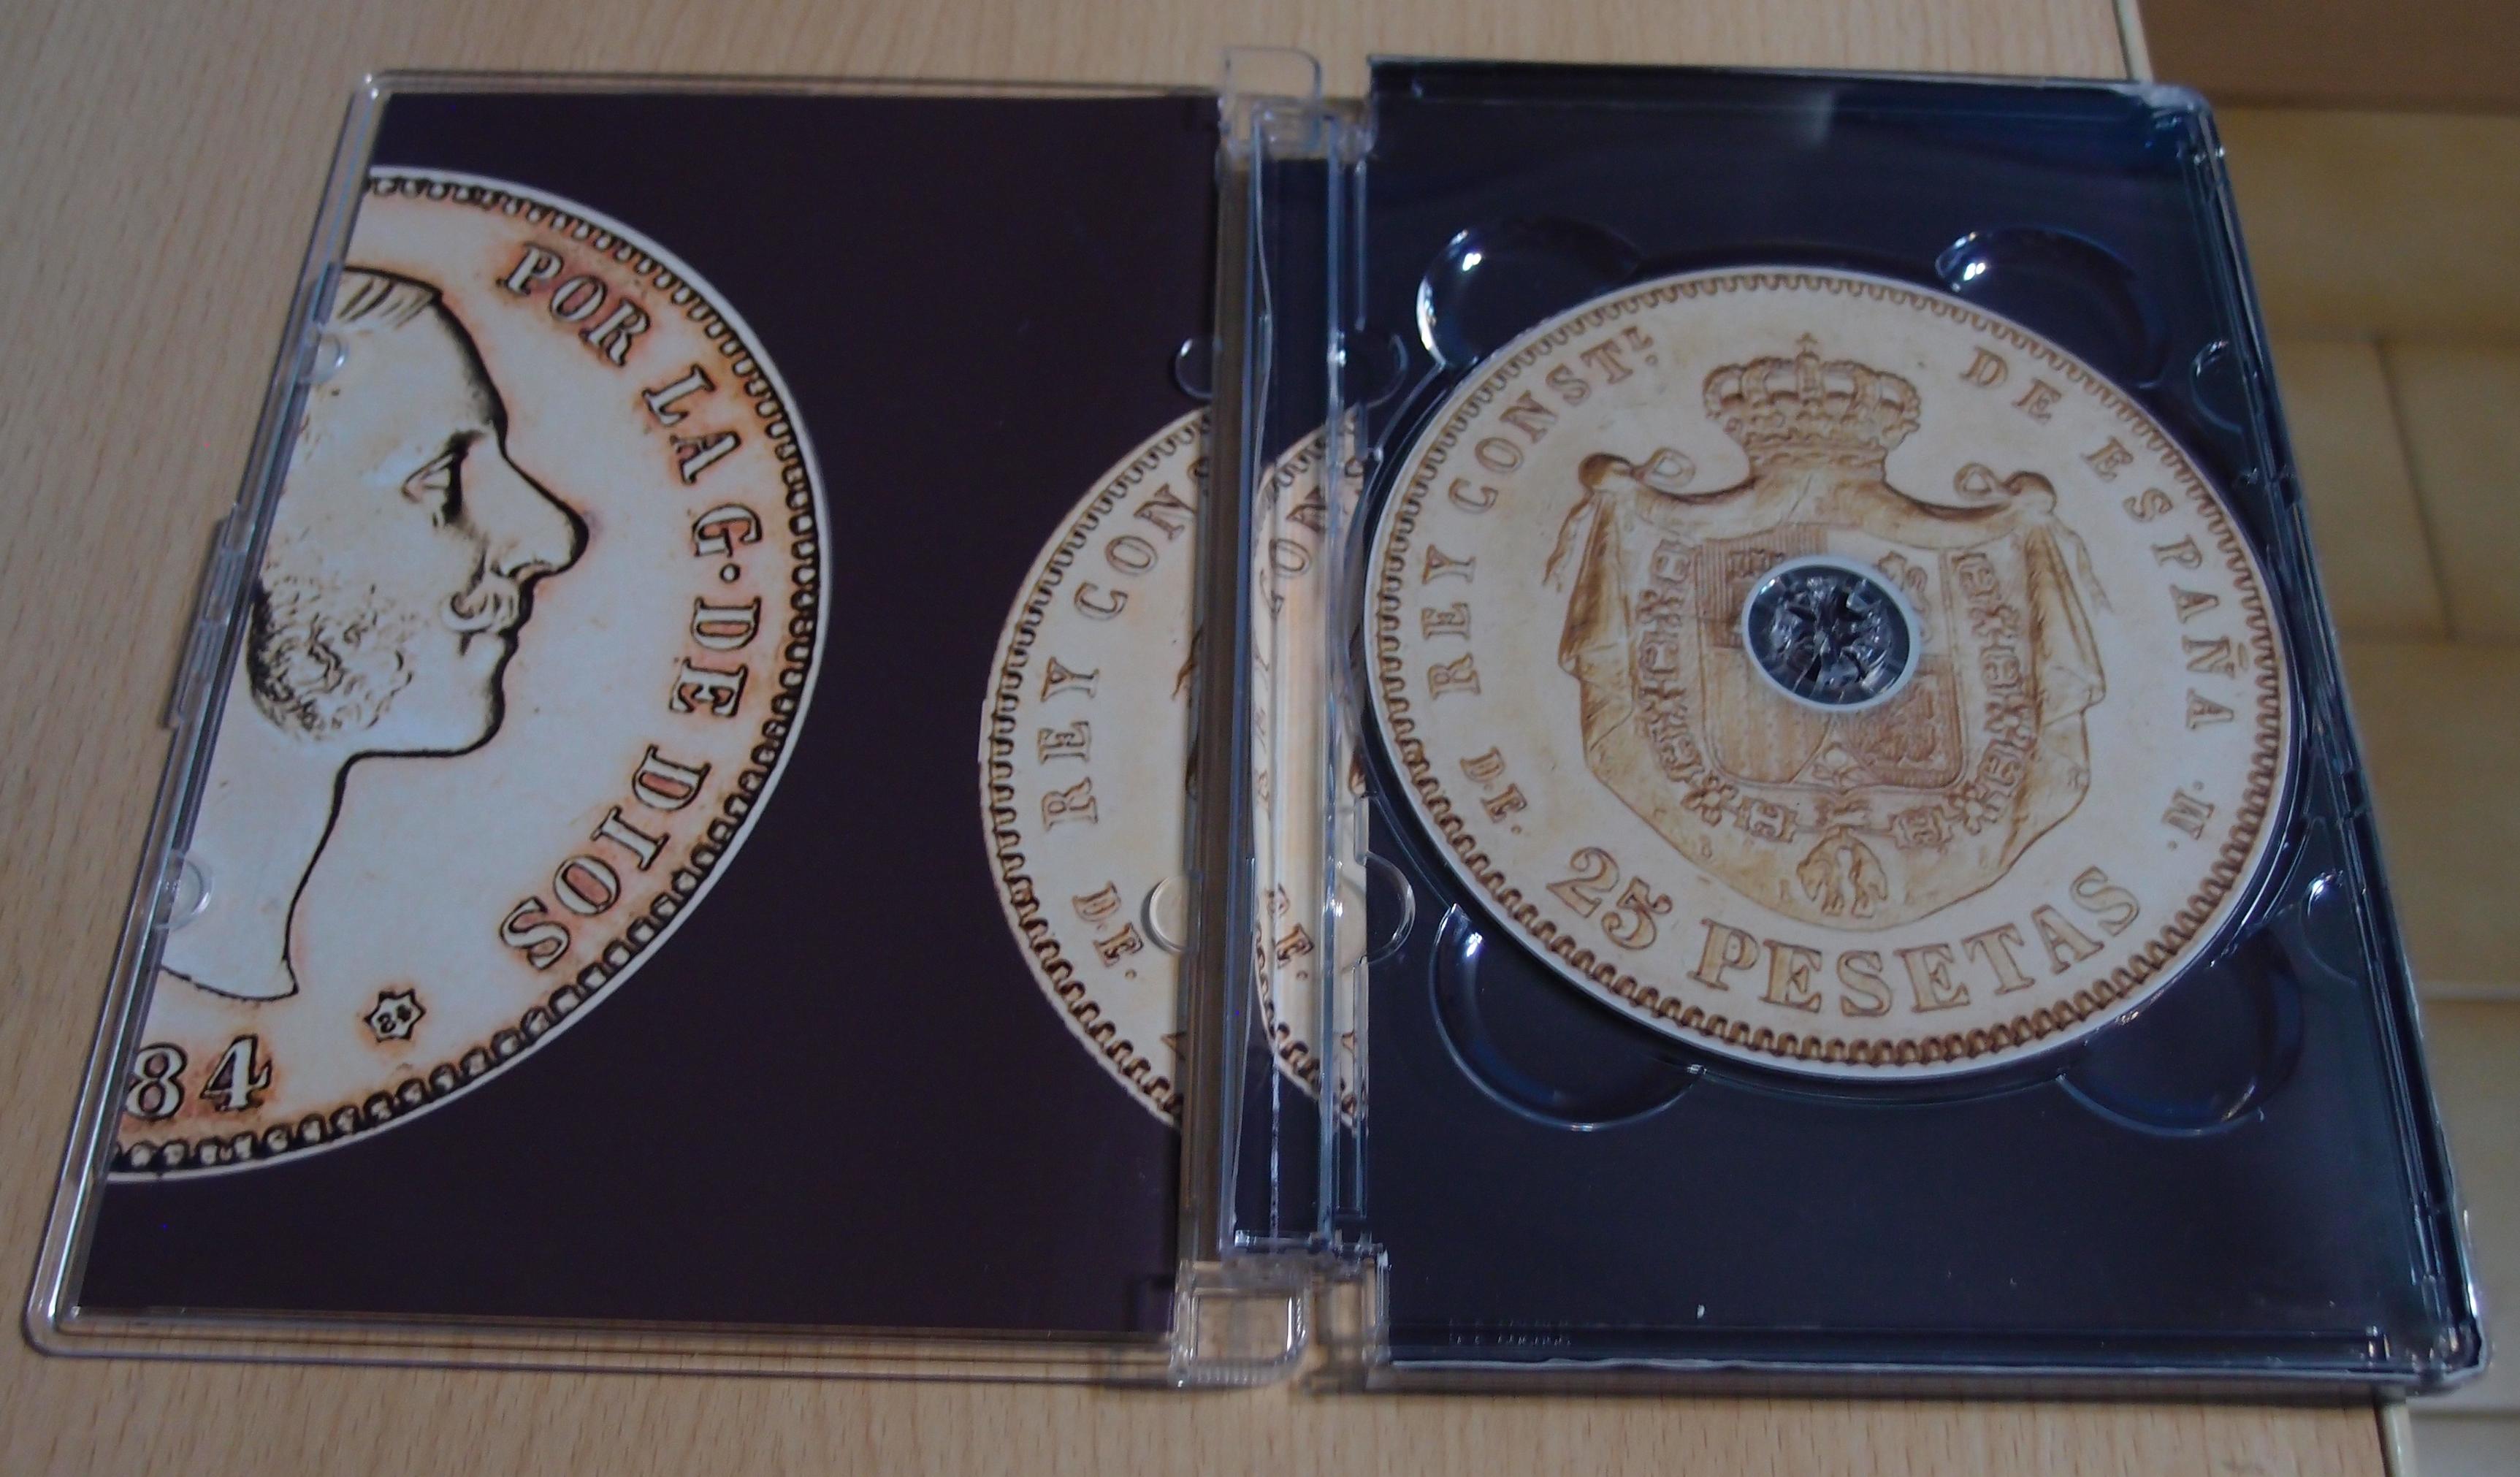 Coleccion Alfonso XII y Monetario 9055629103_8e2cfbf8a3_o